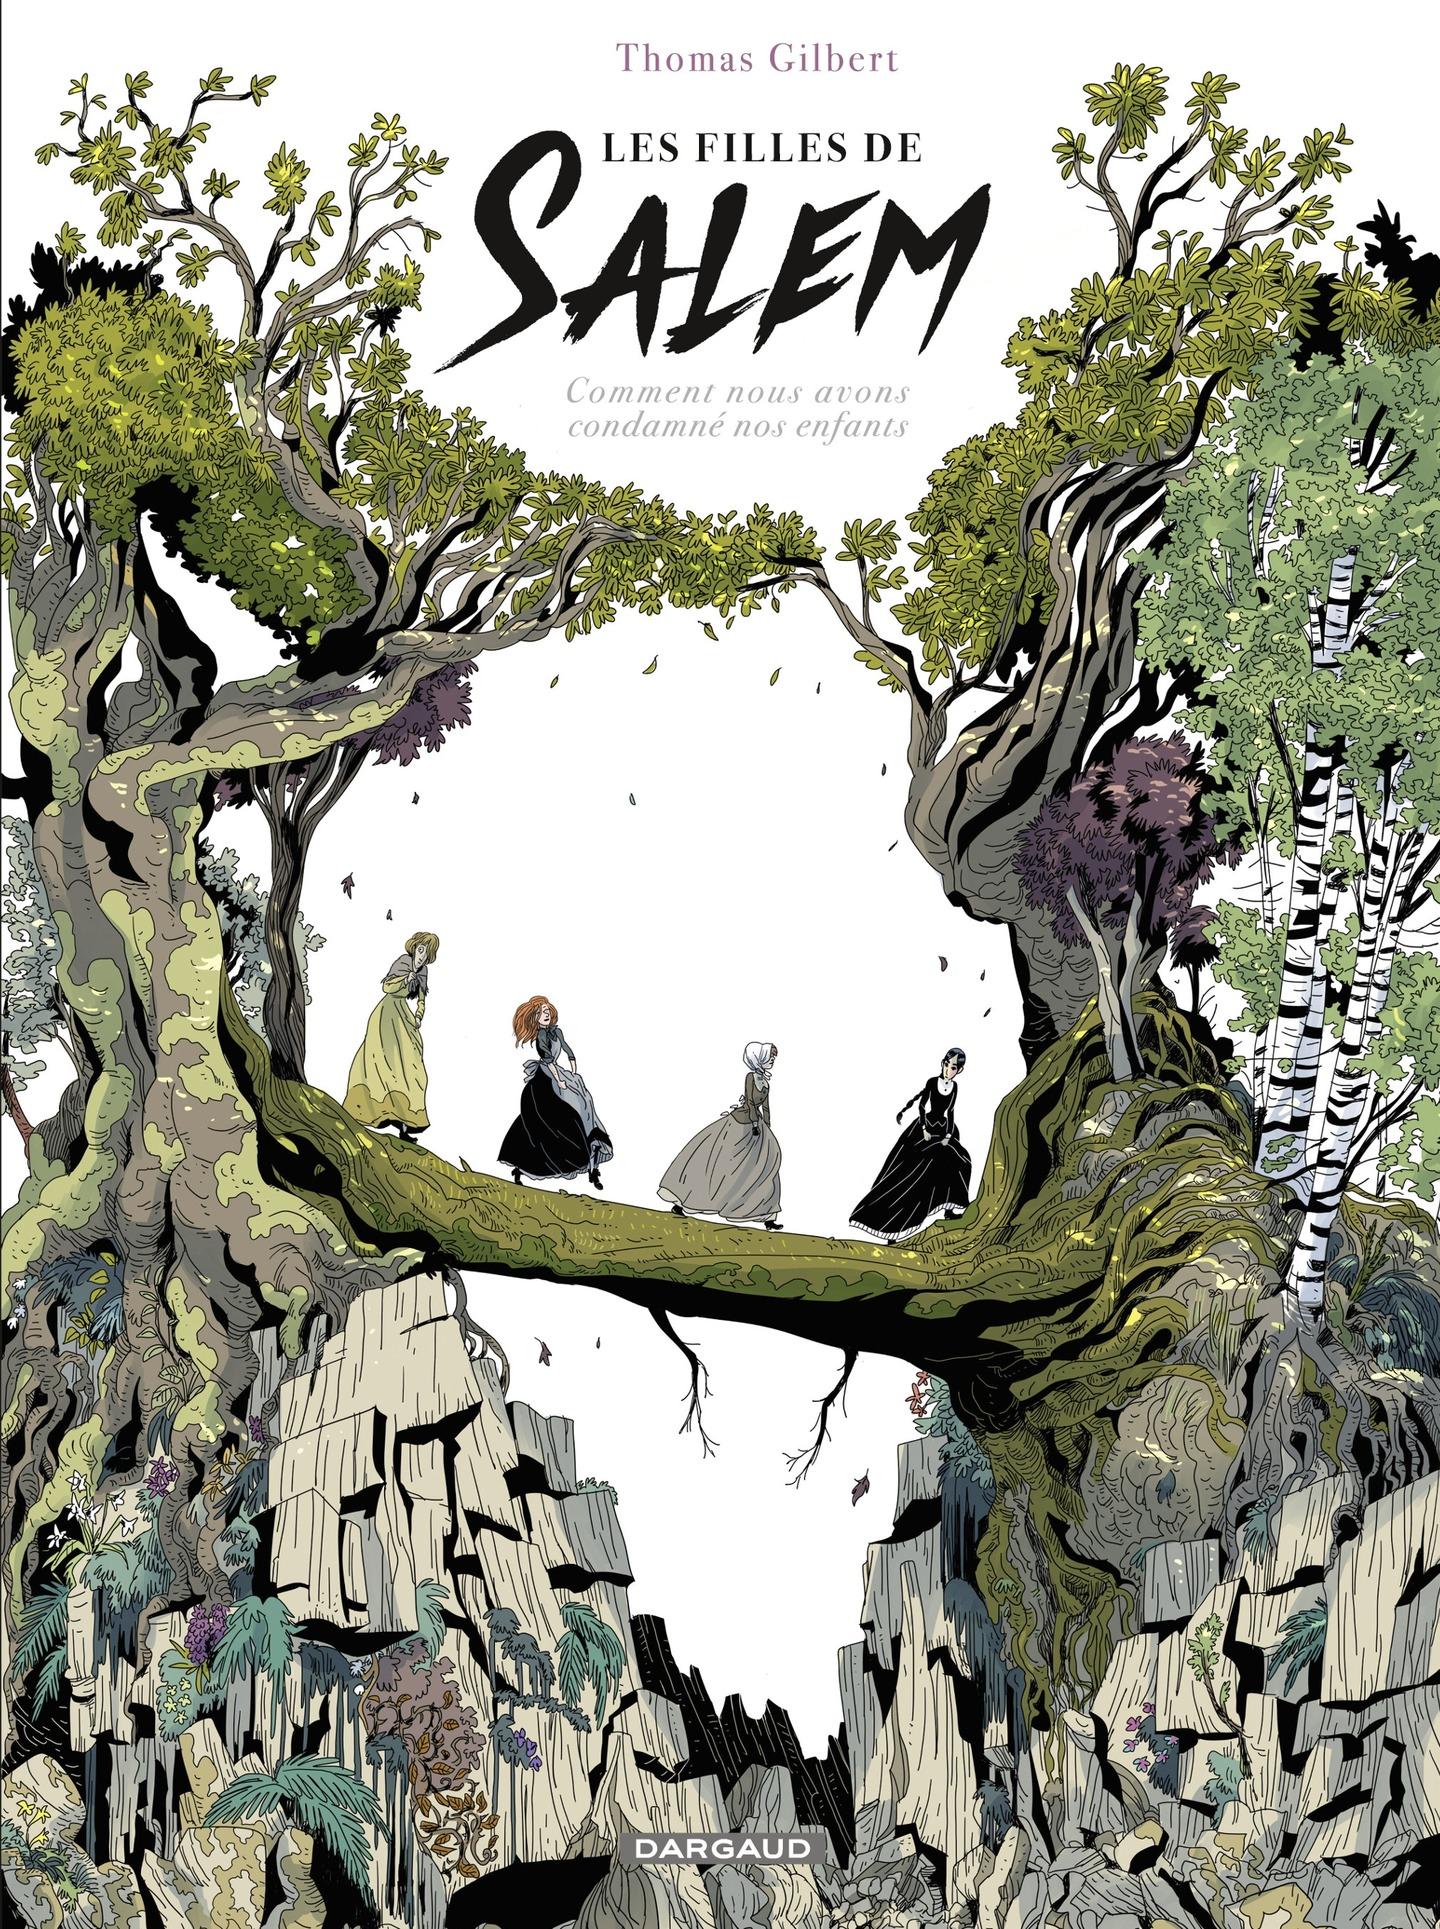 les filles de Salem - Comment nous avons condamné nos enfants | Gilbert, Thomas